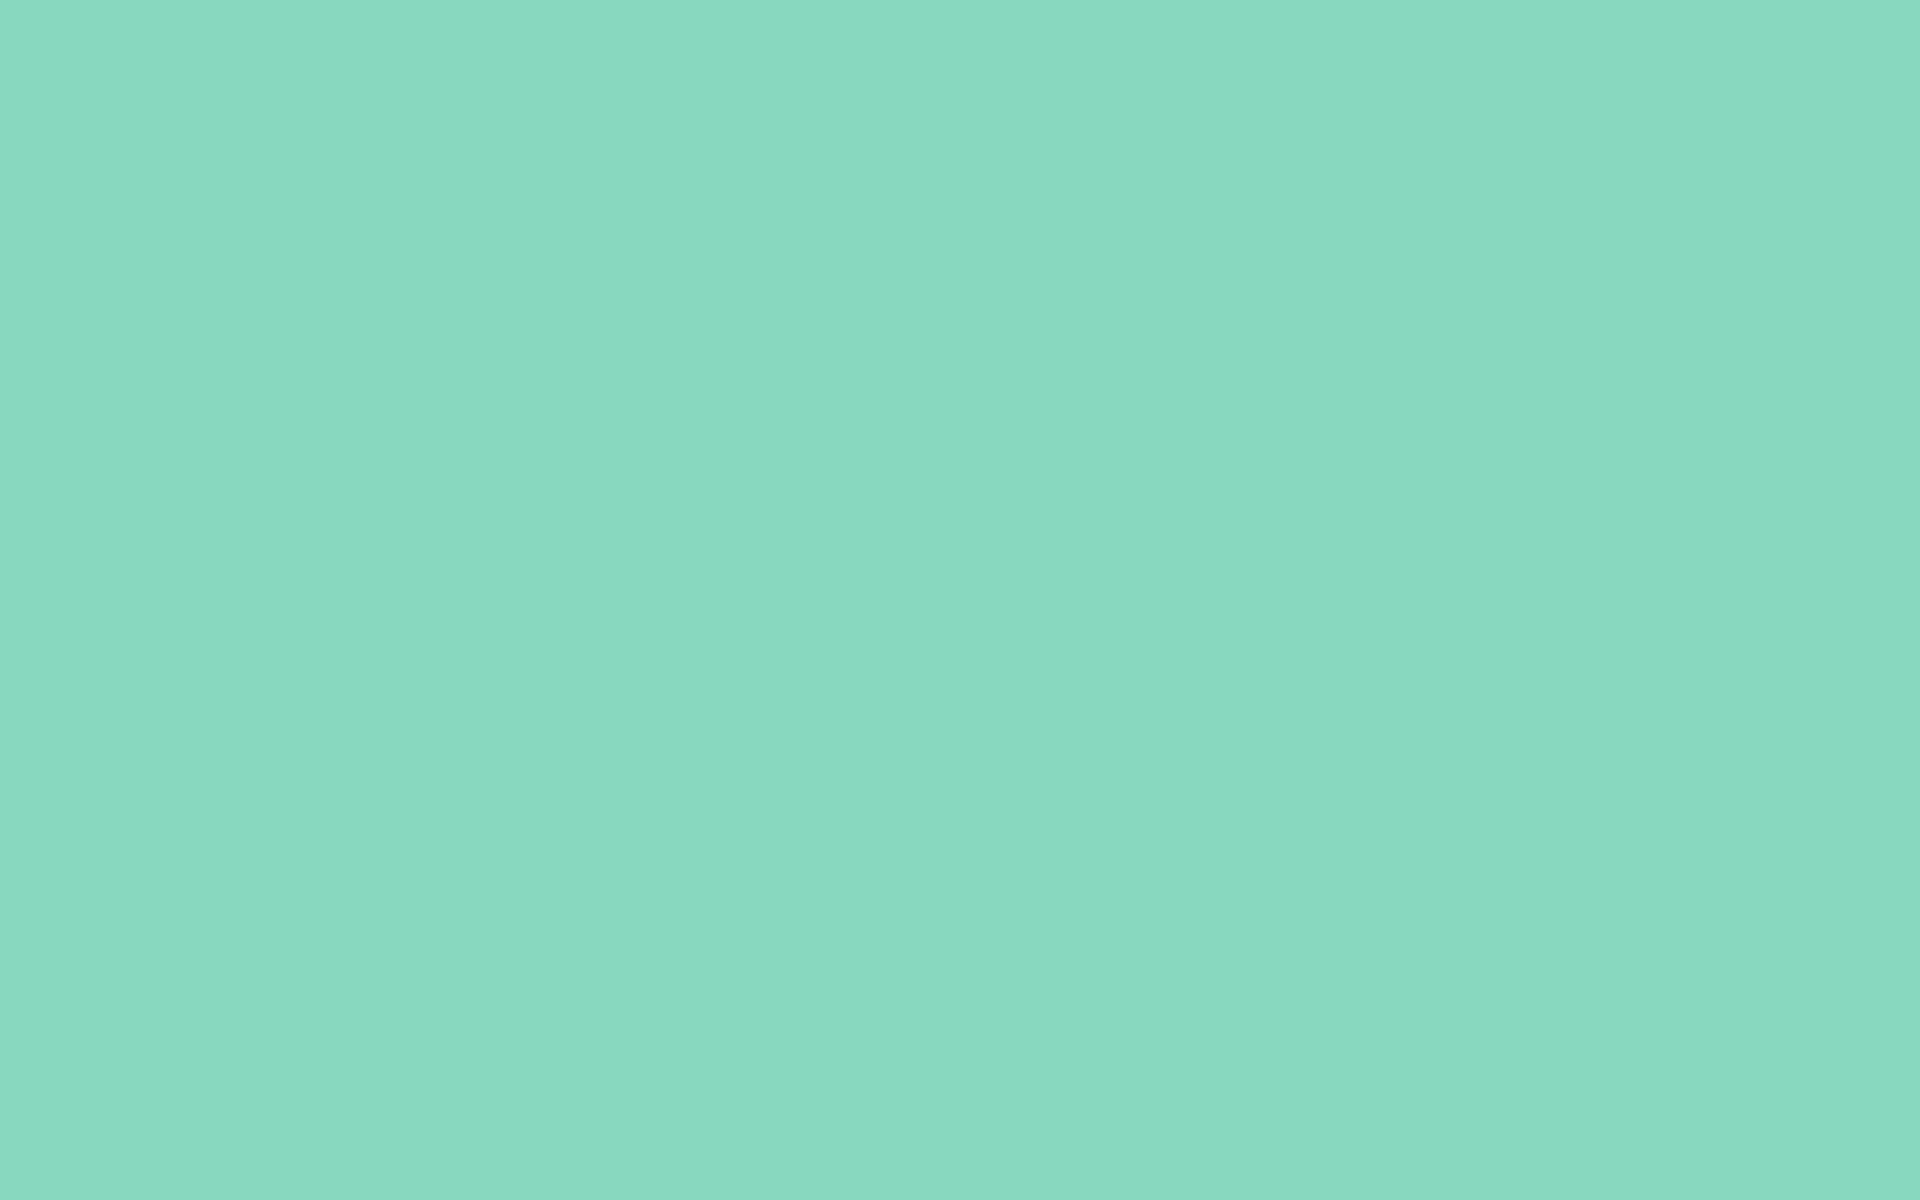 1920x1200 Pearl Aqua Solid Color Background